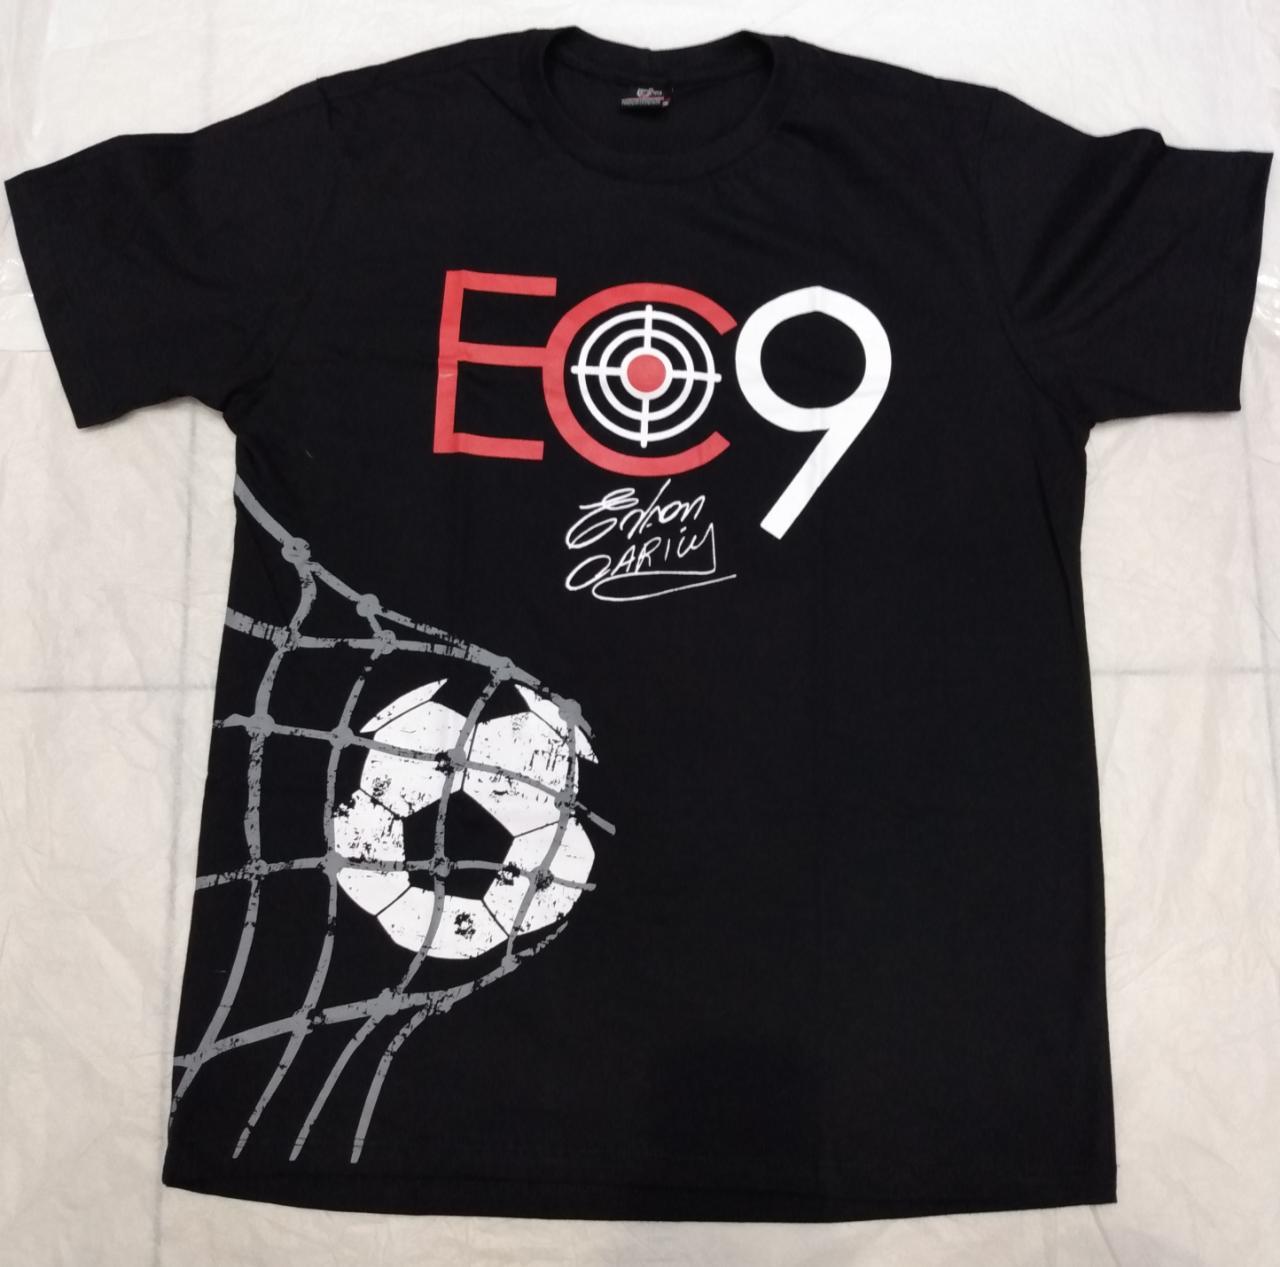 Camisa EC9 preta bola na rede  - Ferrão Store